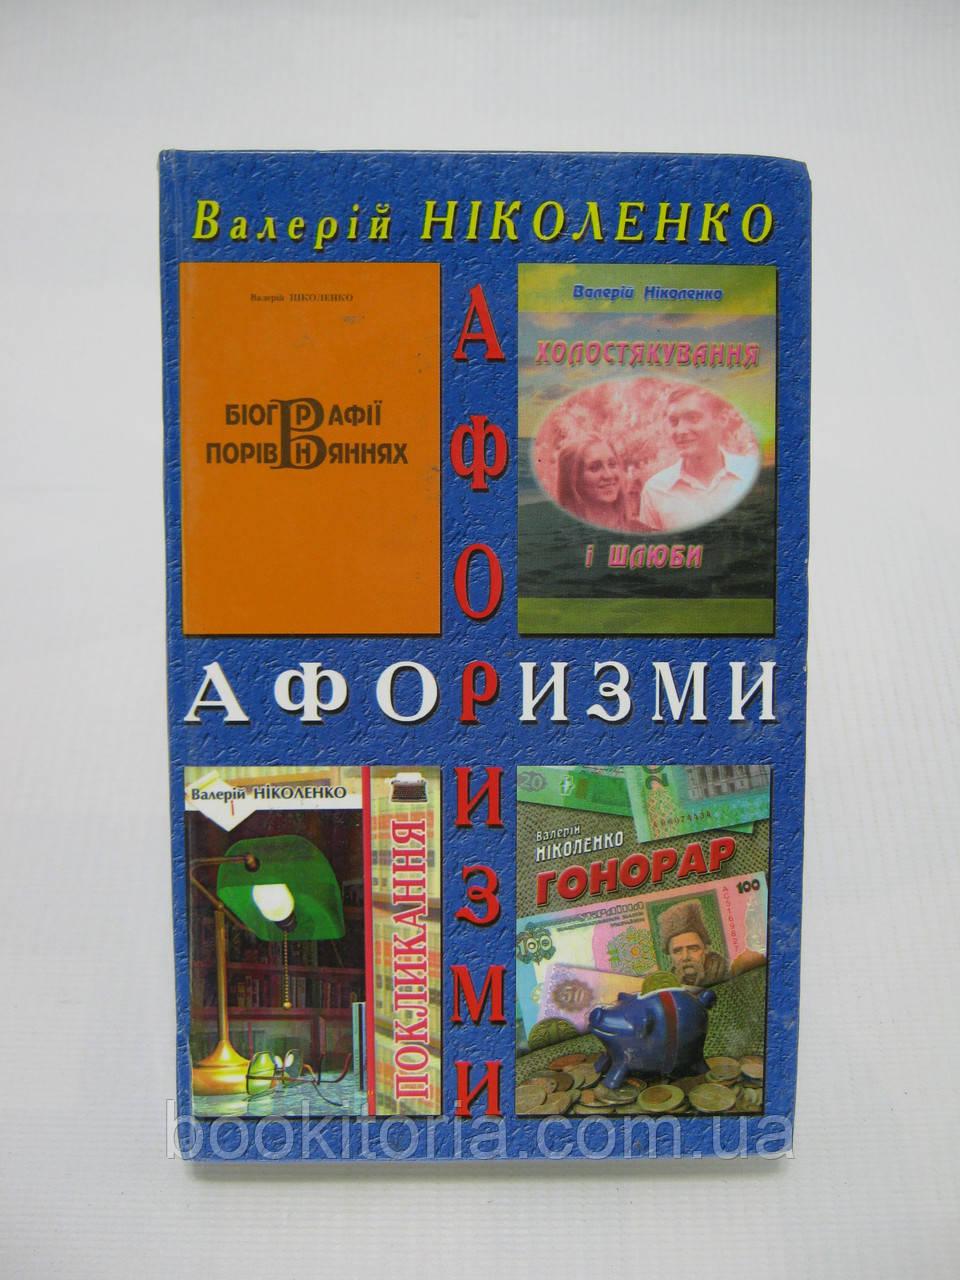 Ніколенко В.В. Афоризми й інший дріб'язок (б/у).